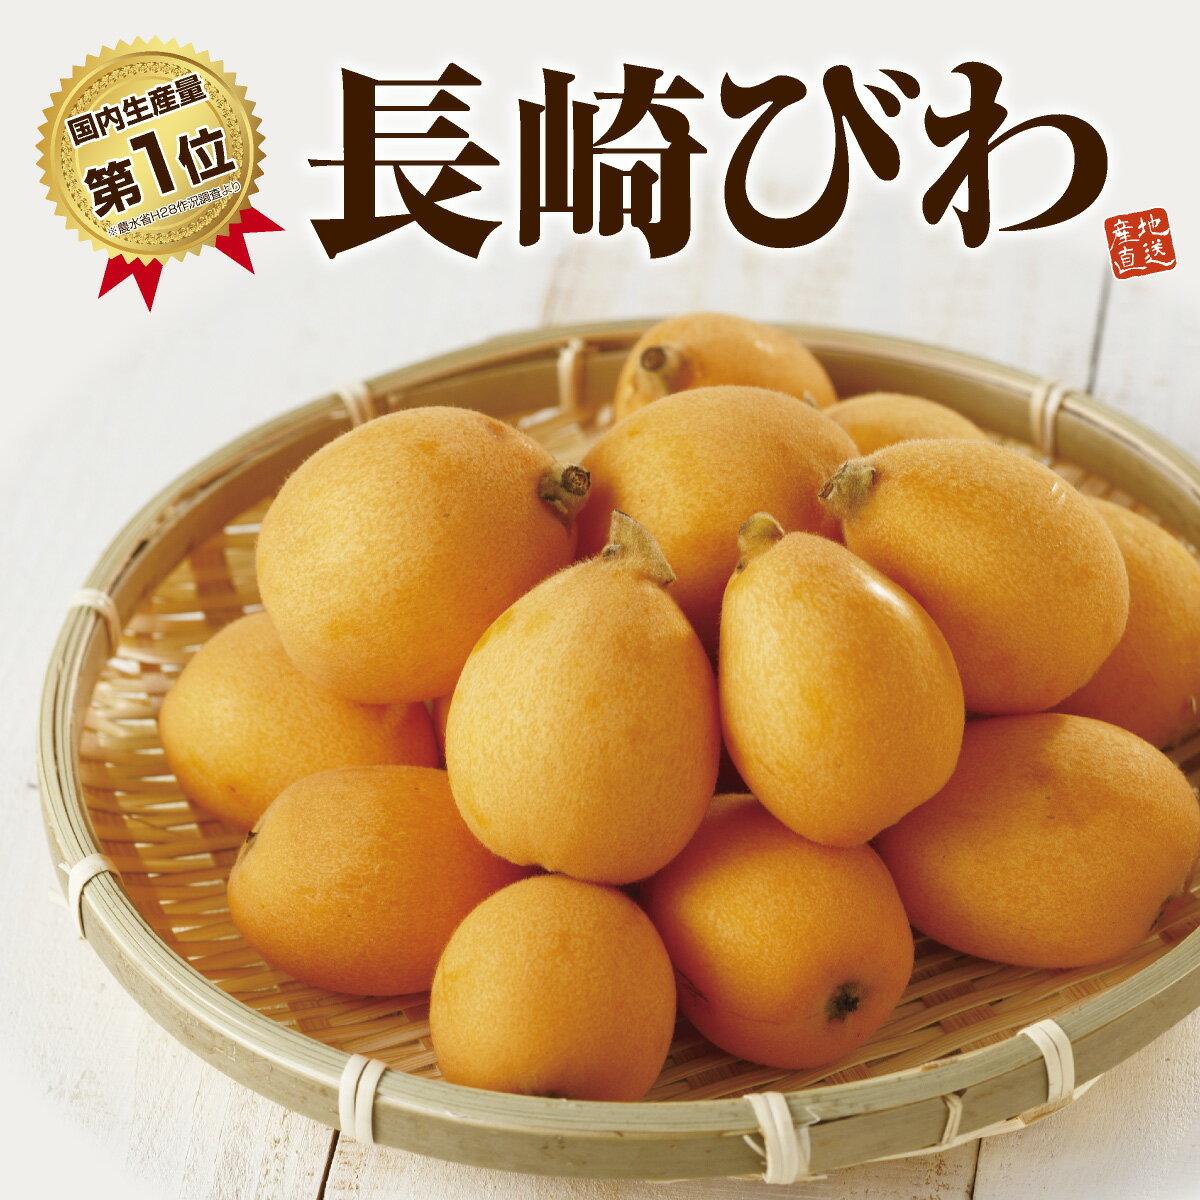 フルーツ・果物, びわ  L 12 (500g) 2